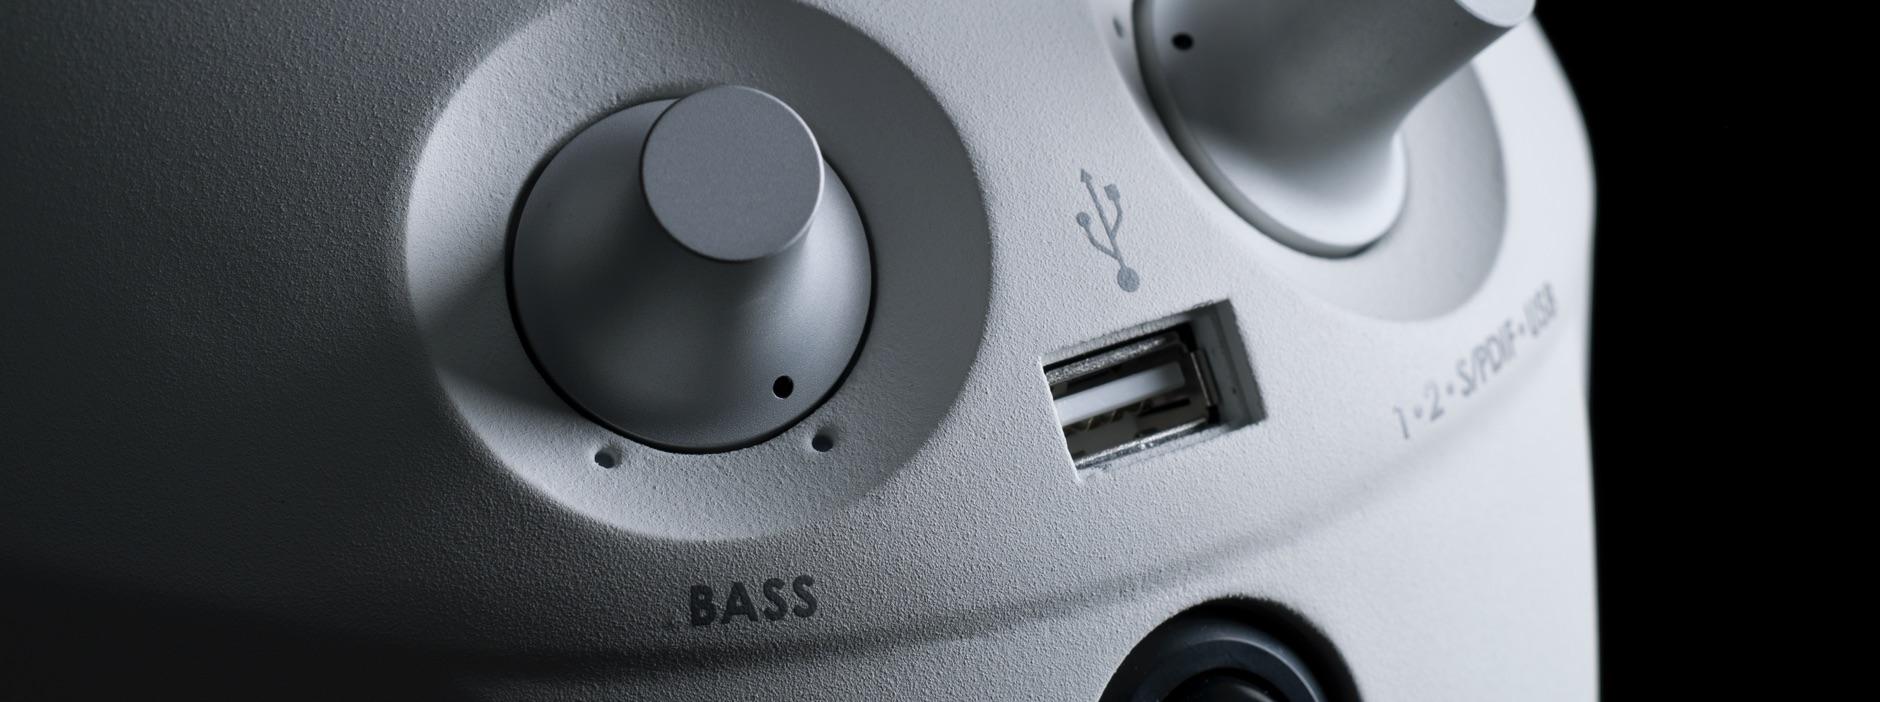 スピーカーの能力を最大限に引き出す豊かな低音再現機能